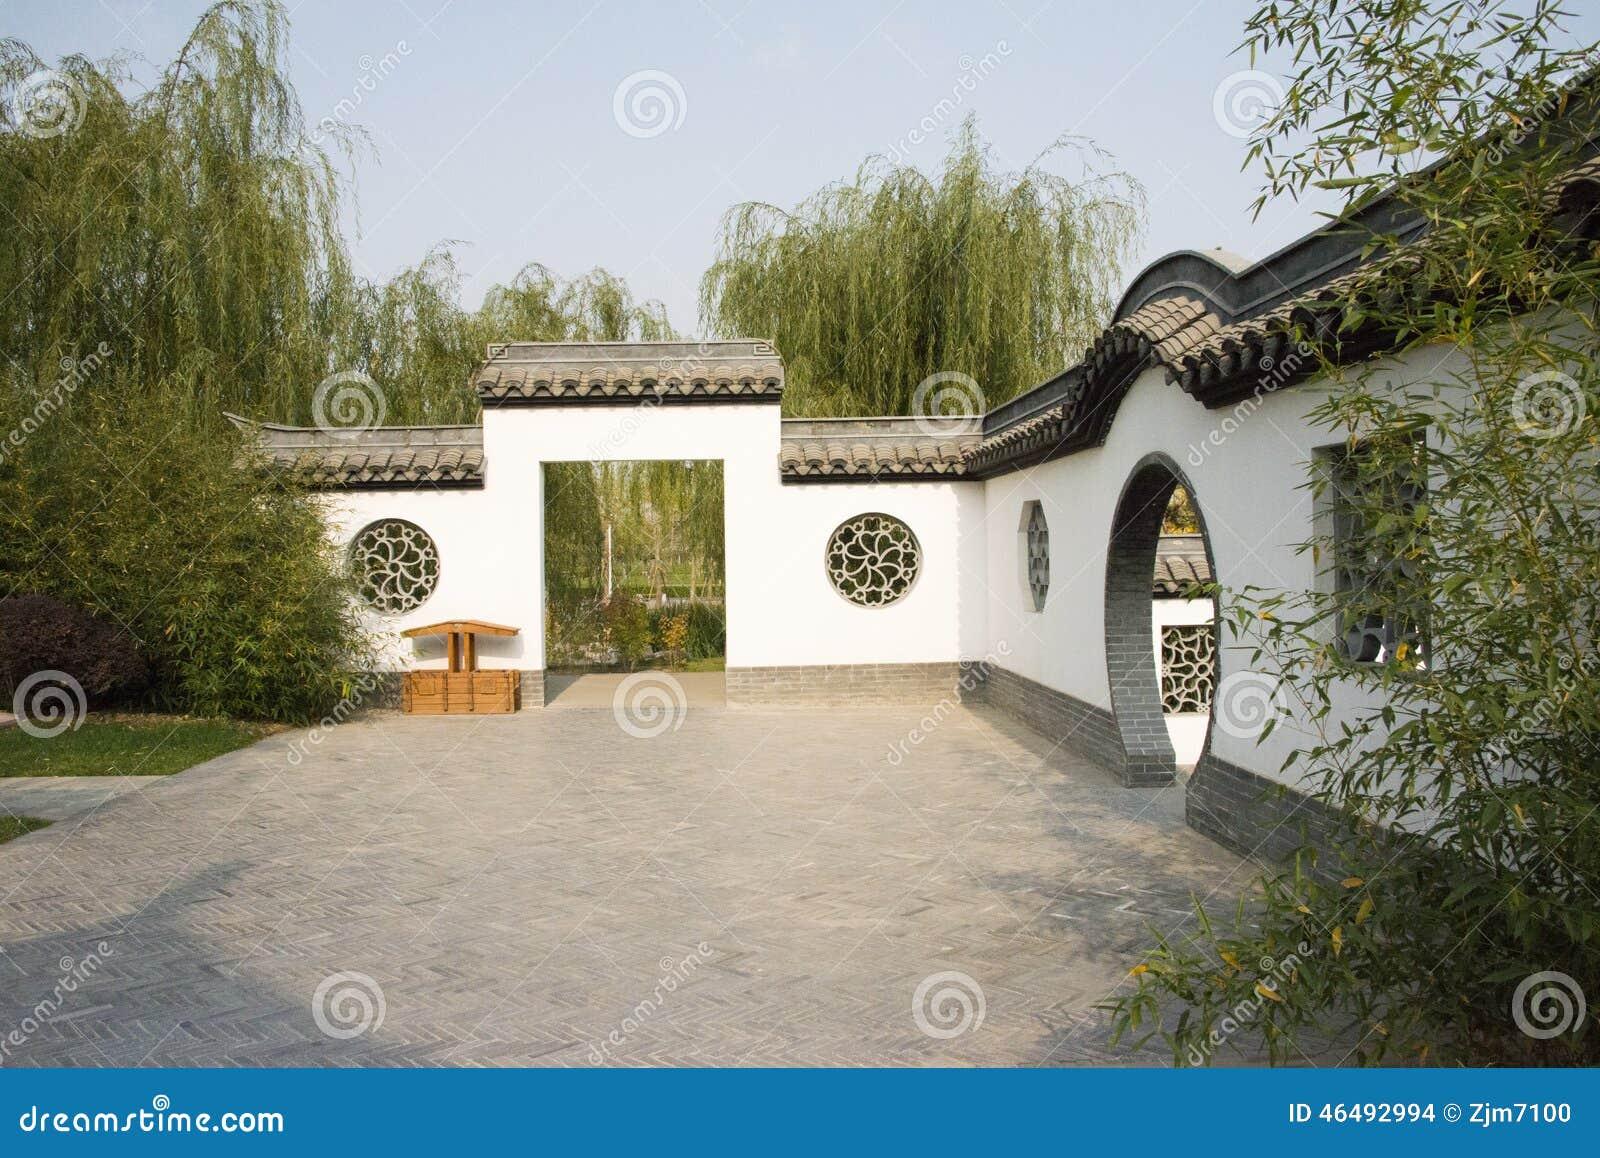 Grijze Tegels Tuin : Aziatisch china peking tuin expo antieke gebouwen witte muren